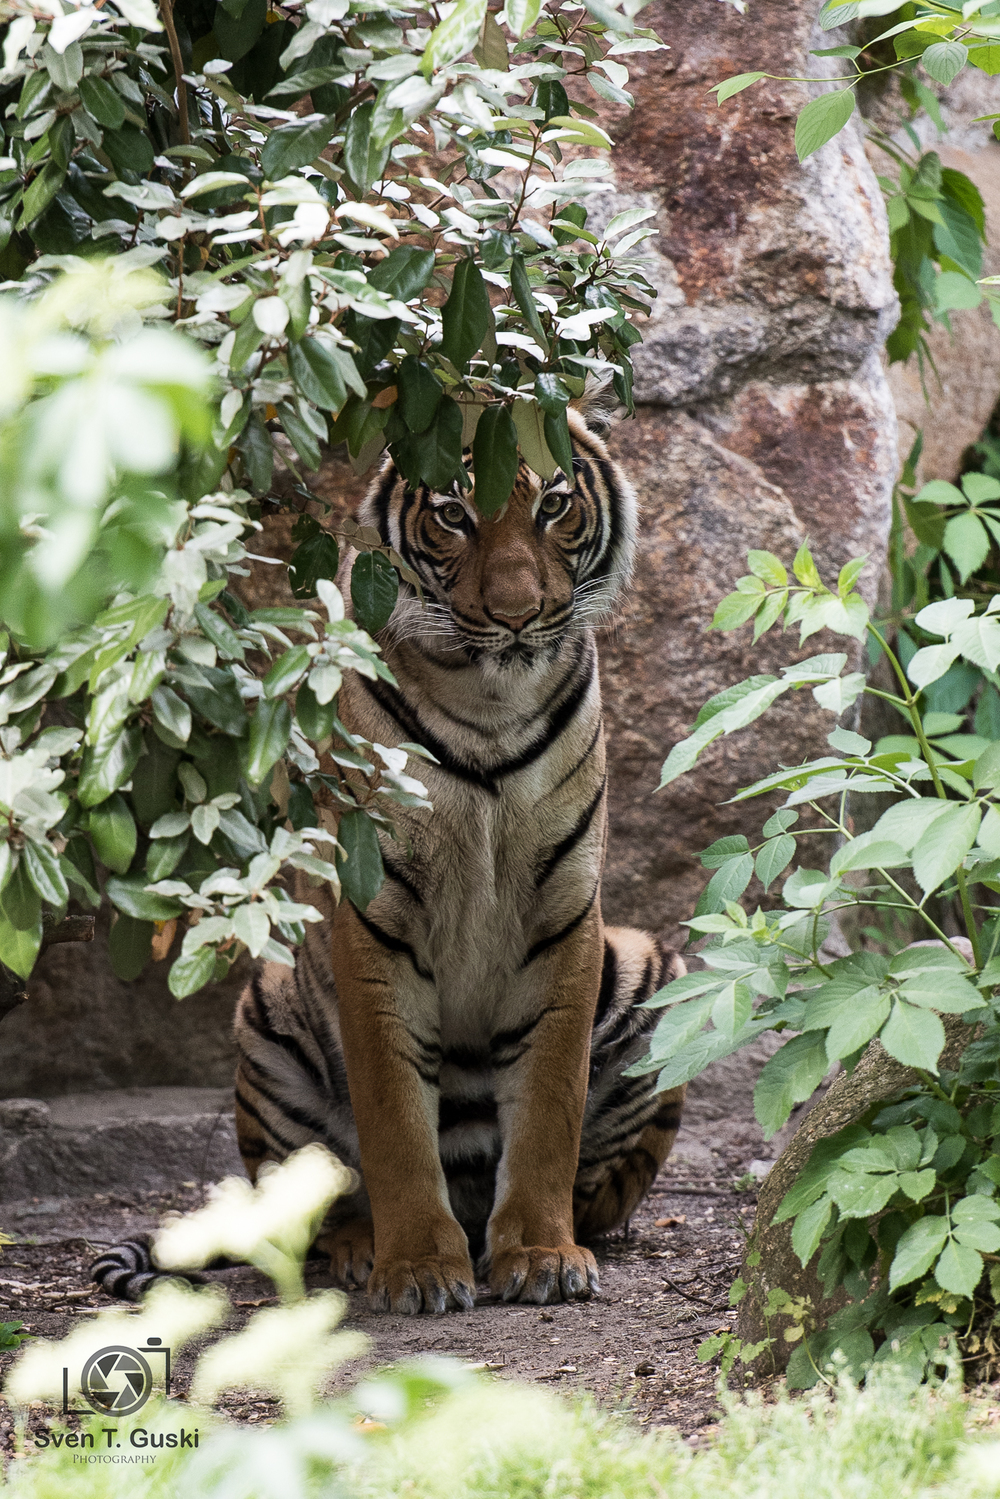 Ah ein Tiger ist auf dem Bild gewesen ...